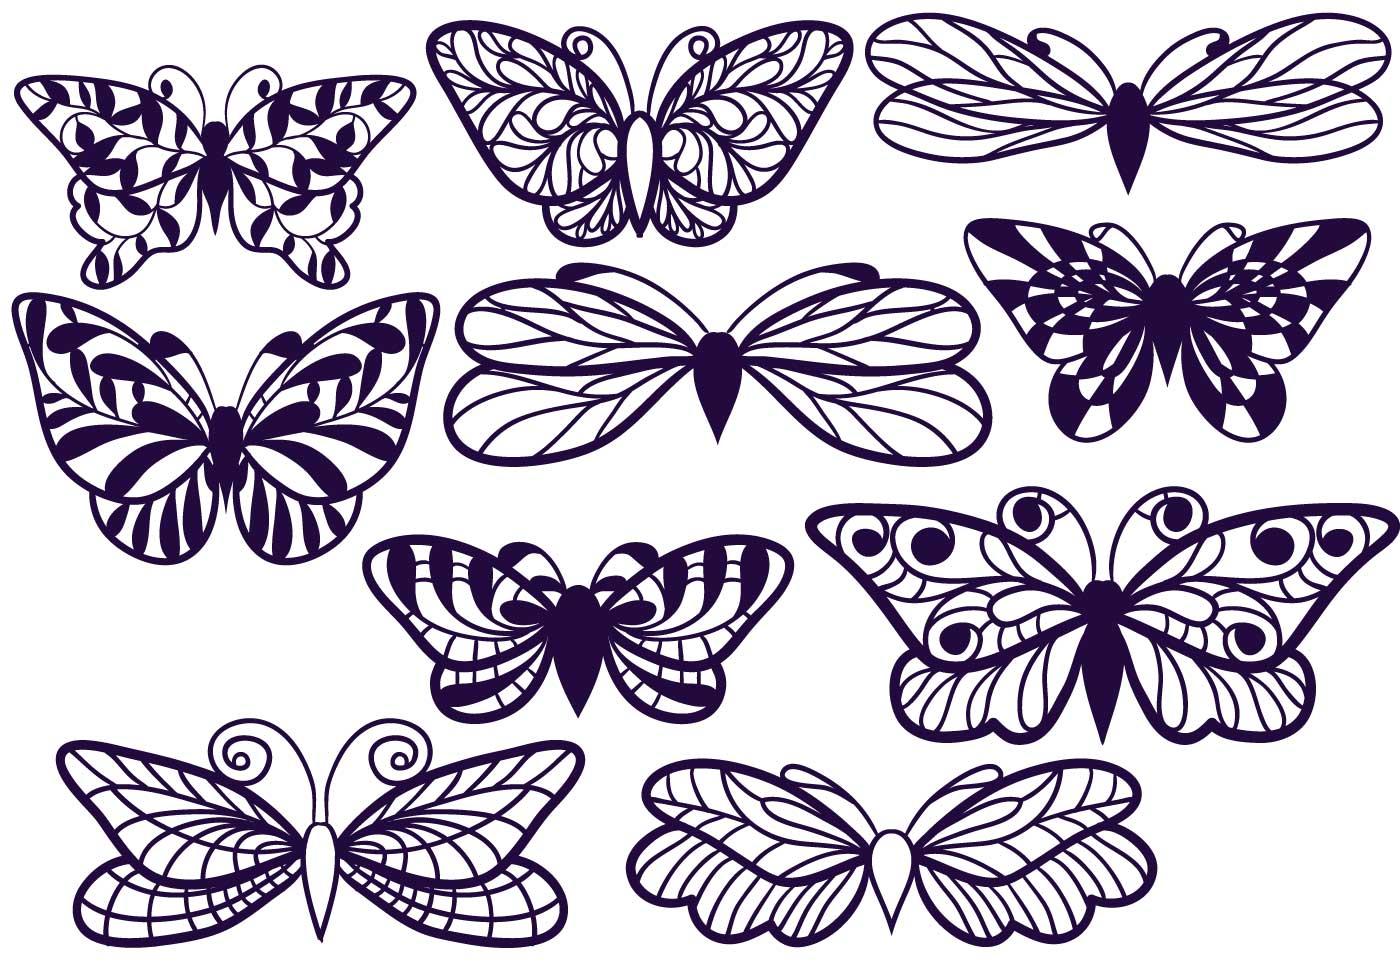 Free Cutout Butterflies - Download Free Vector Art, Stock ...